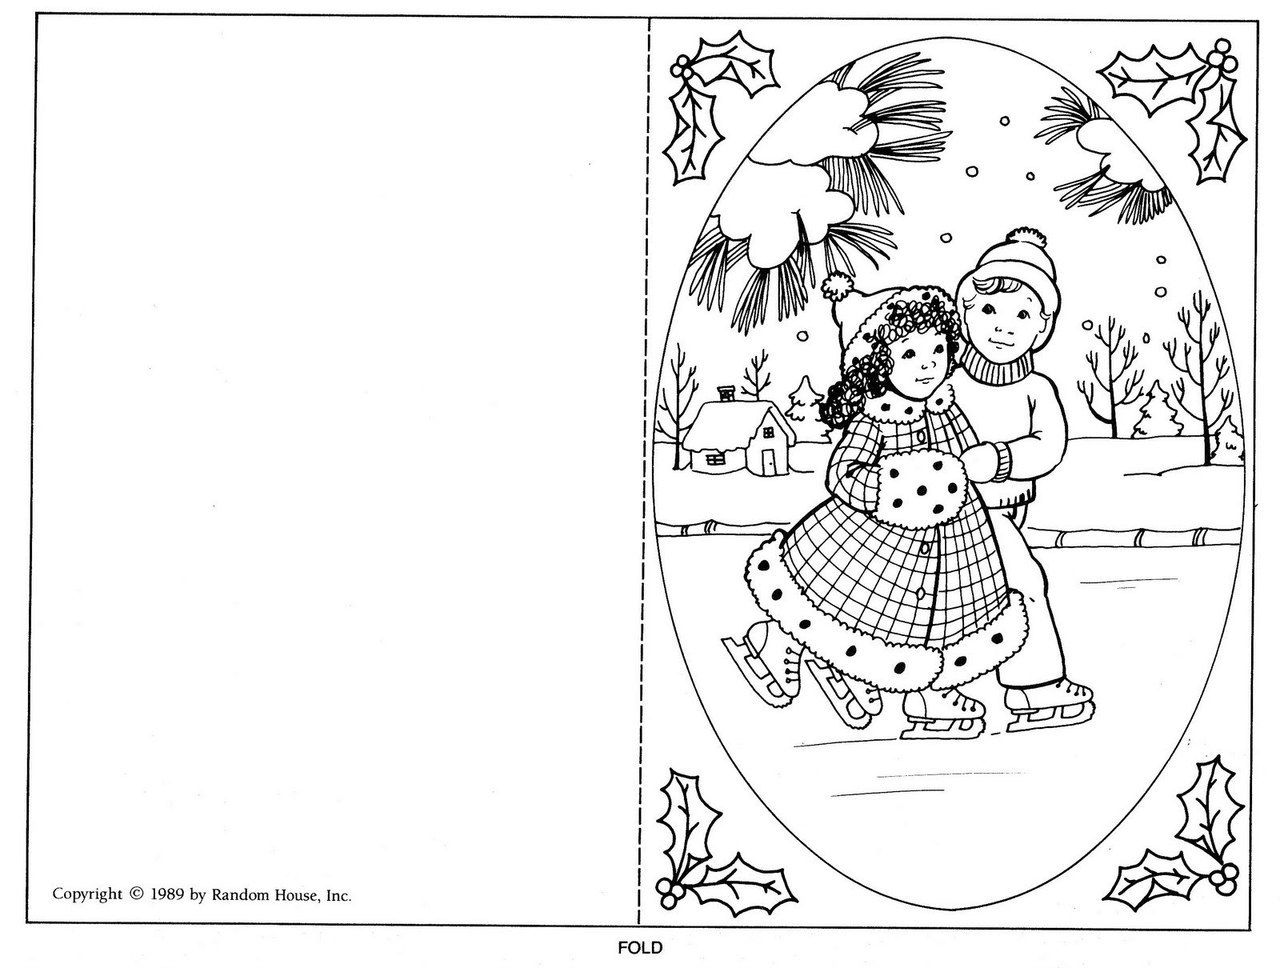 Raskraski Zentangl I Dudling Eto Veselo Vk Kaart Sjablonen Kerst Kaarten Kaarten